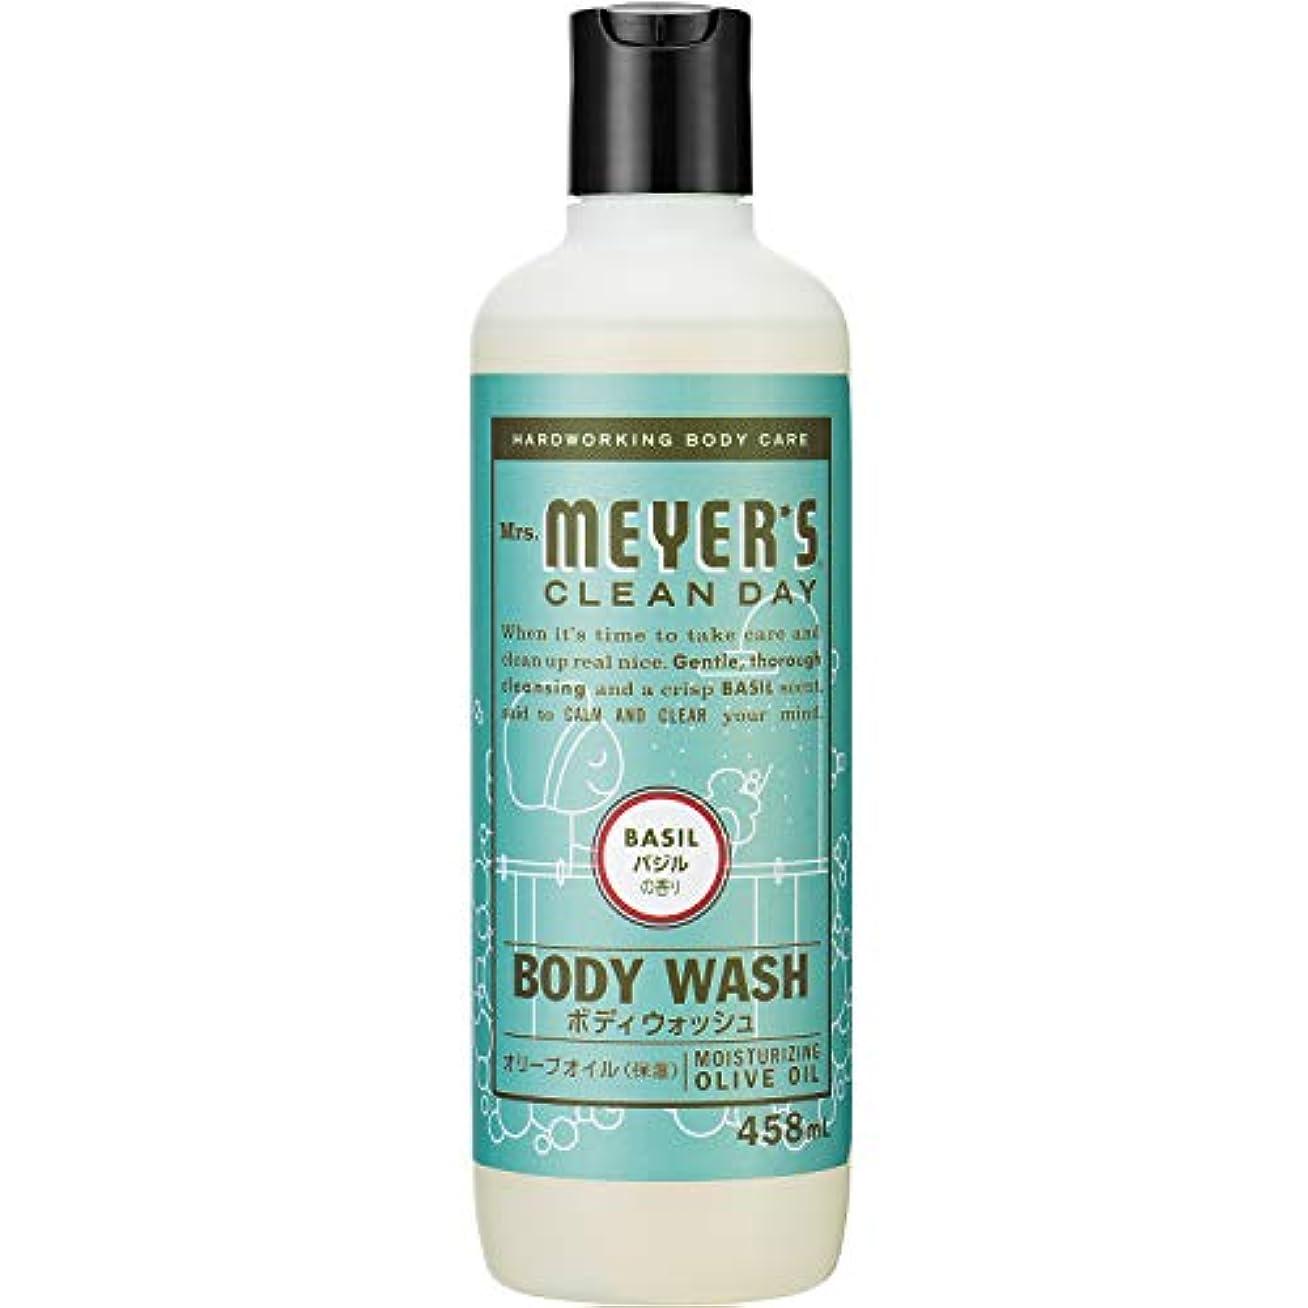 思いつくドレス中絶Mrs. MEYER'S CLEAN DAY(ミセスマイヤーズ クリーンデイ) ミセスマイヤーズ クリーンデイ(Mrs.Meyers Clean Day) ボディウォッシュ バジルの香り 458ml ボディソープ